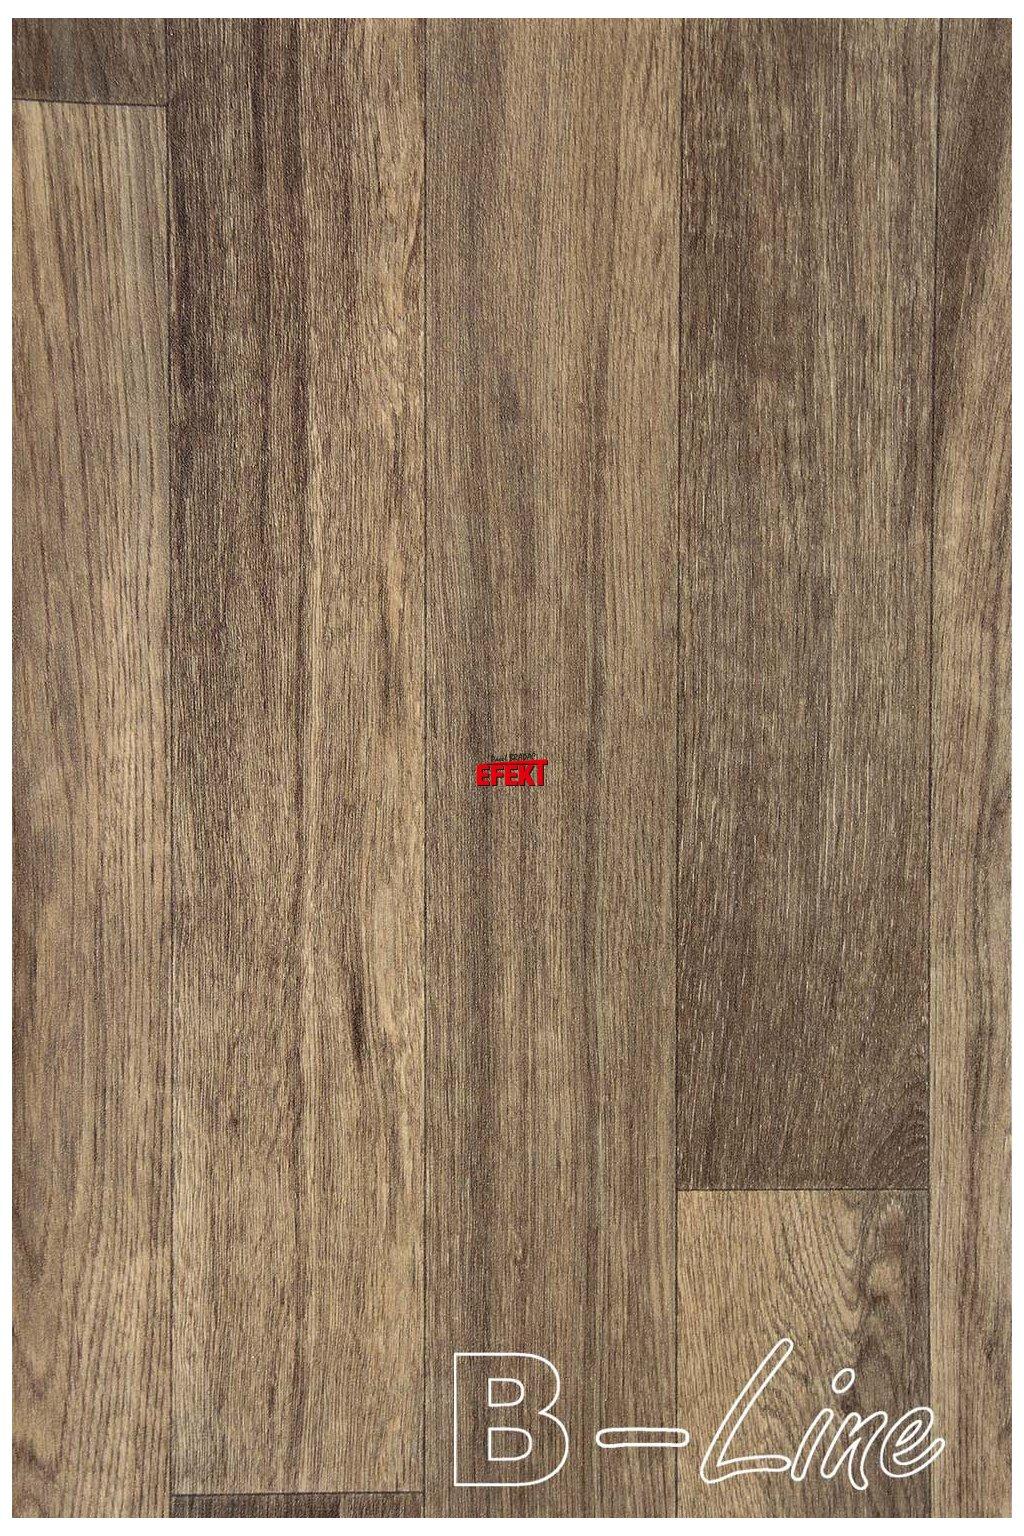 Xtreme-Natural Oak 369M